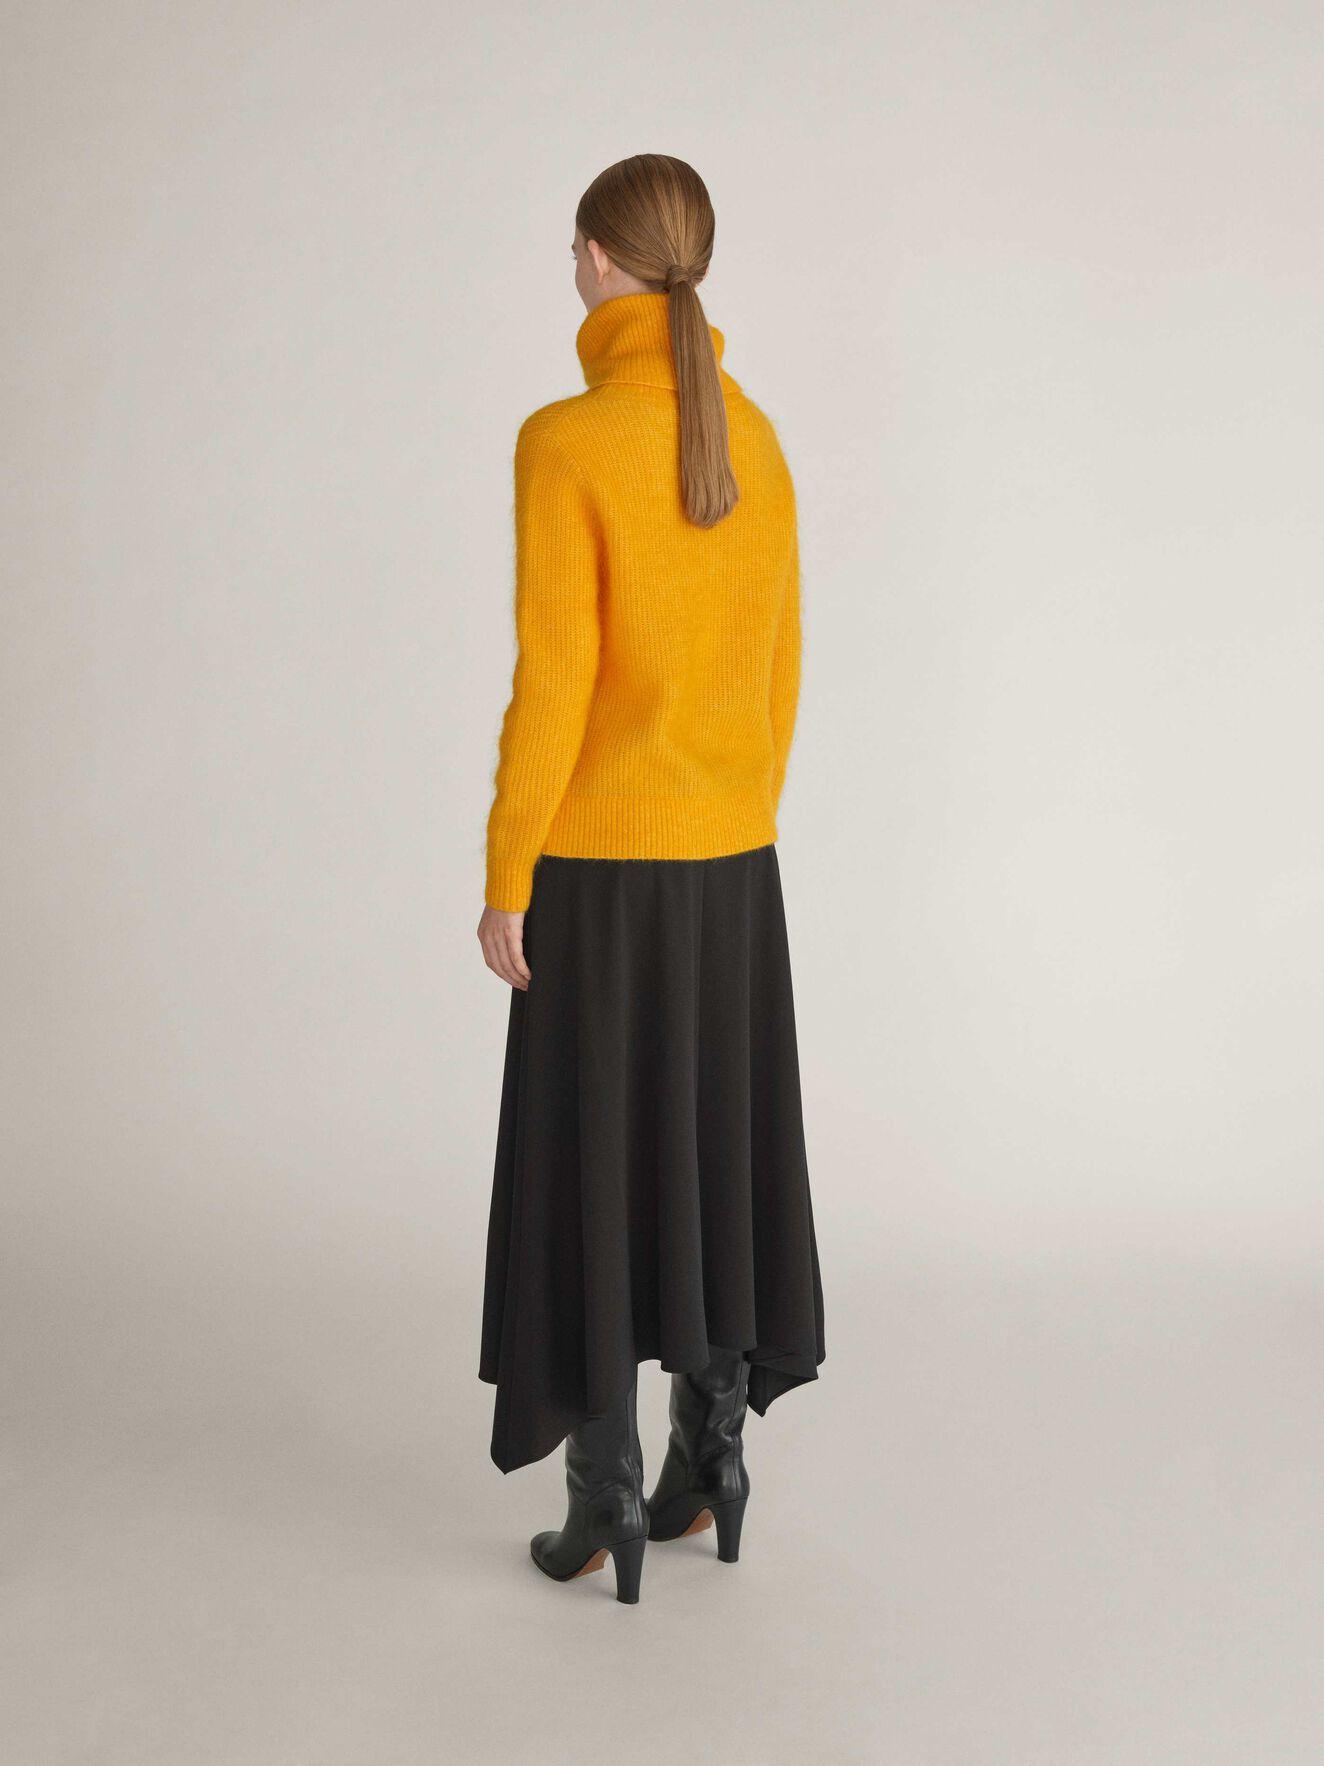 Cadena Pullover in Sunny Yolk from Tiger of Sweden